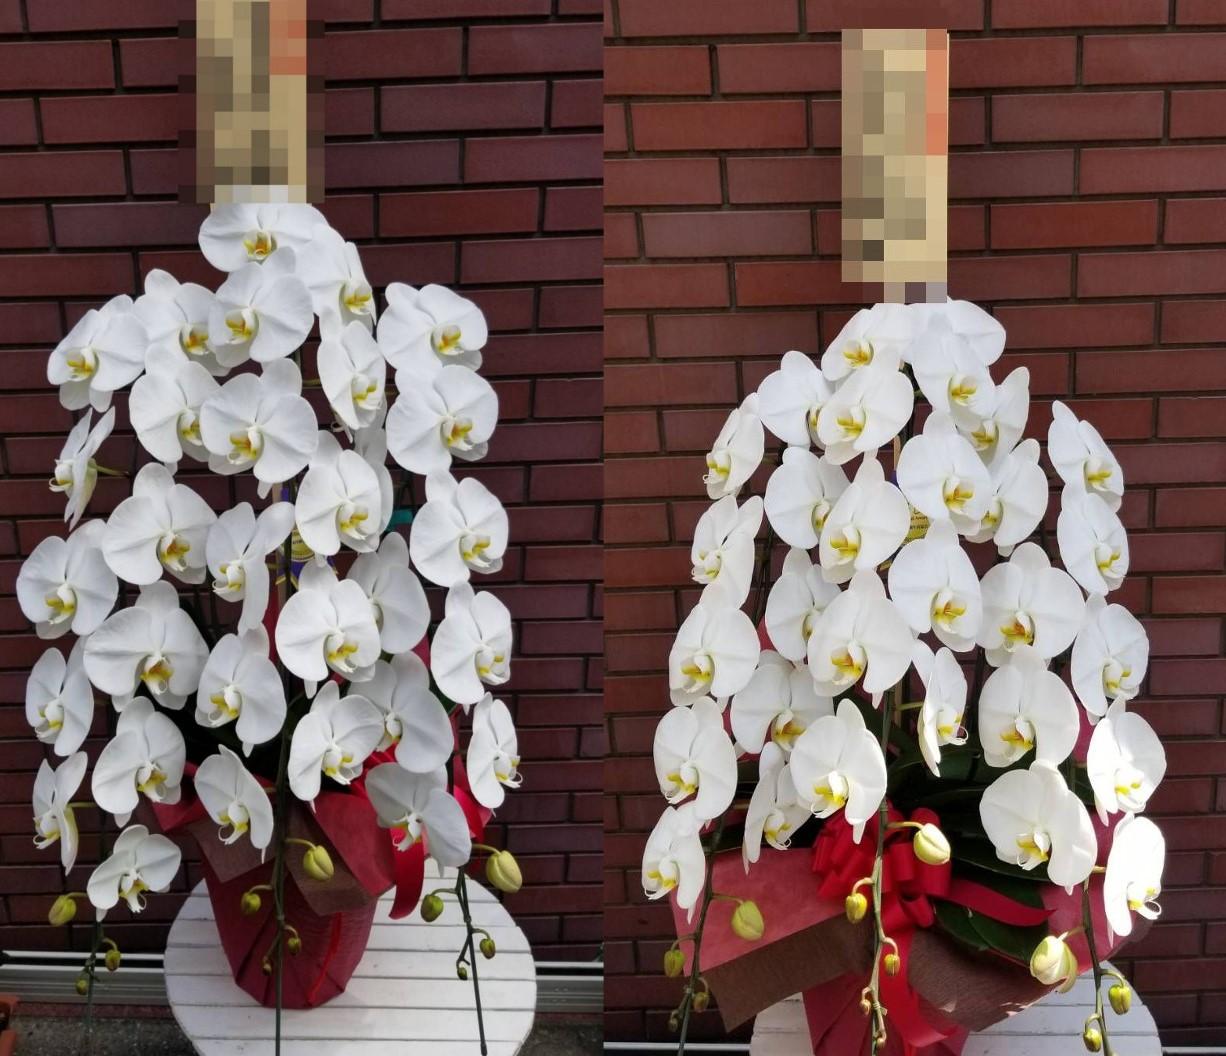 【ナオ花屋の納品事例73】横浜市港北区の法人企業様へスタンド花を配達しました!